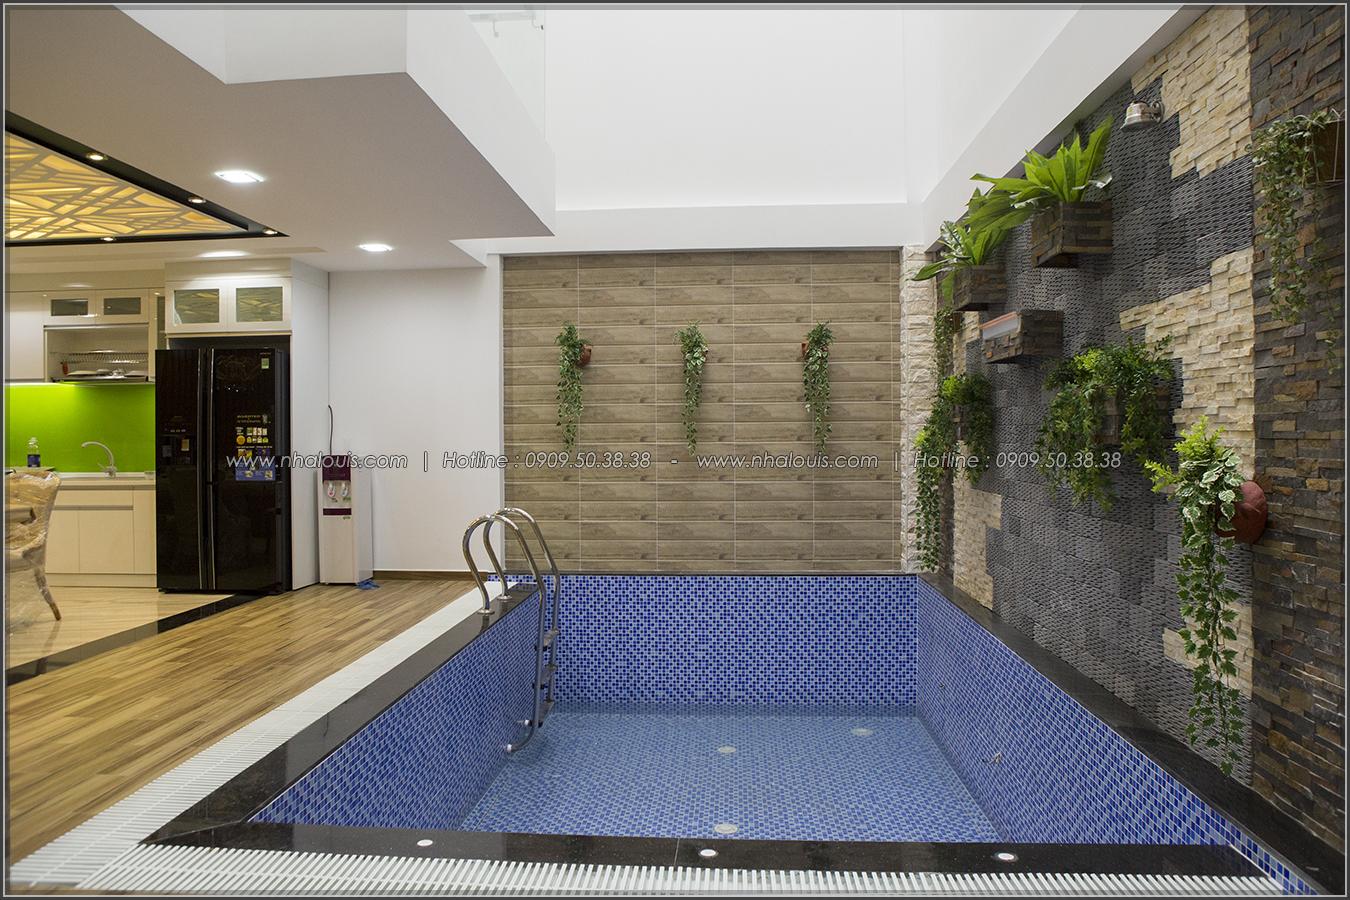 Mẫu biệt thự có hồ bơi đẹp gia tăng sự tiện nghi và đẳng cấp - 02